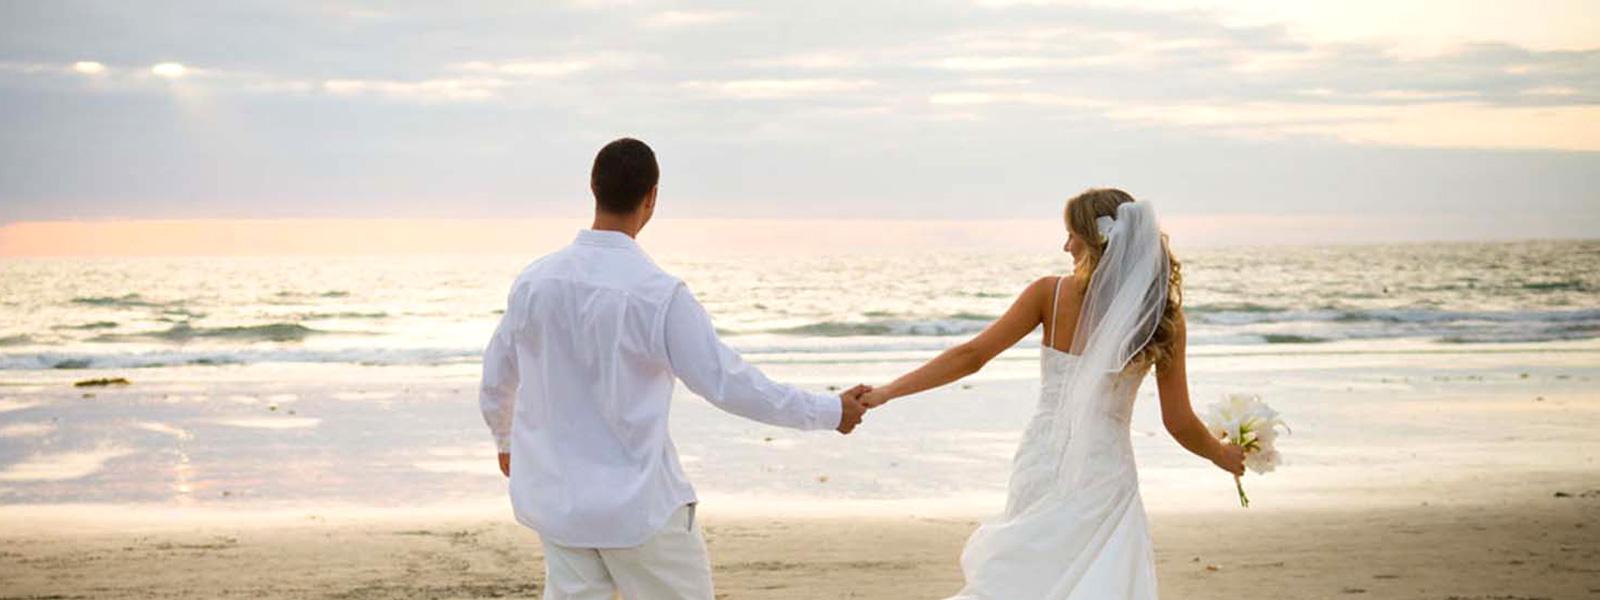 Wedding and Honeymoon in Sri Lanka